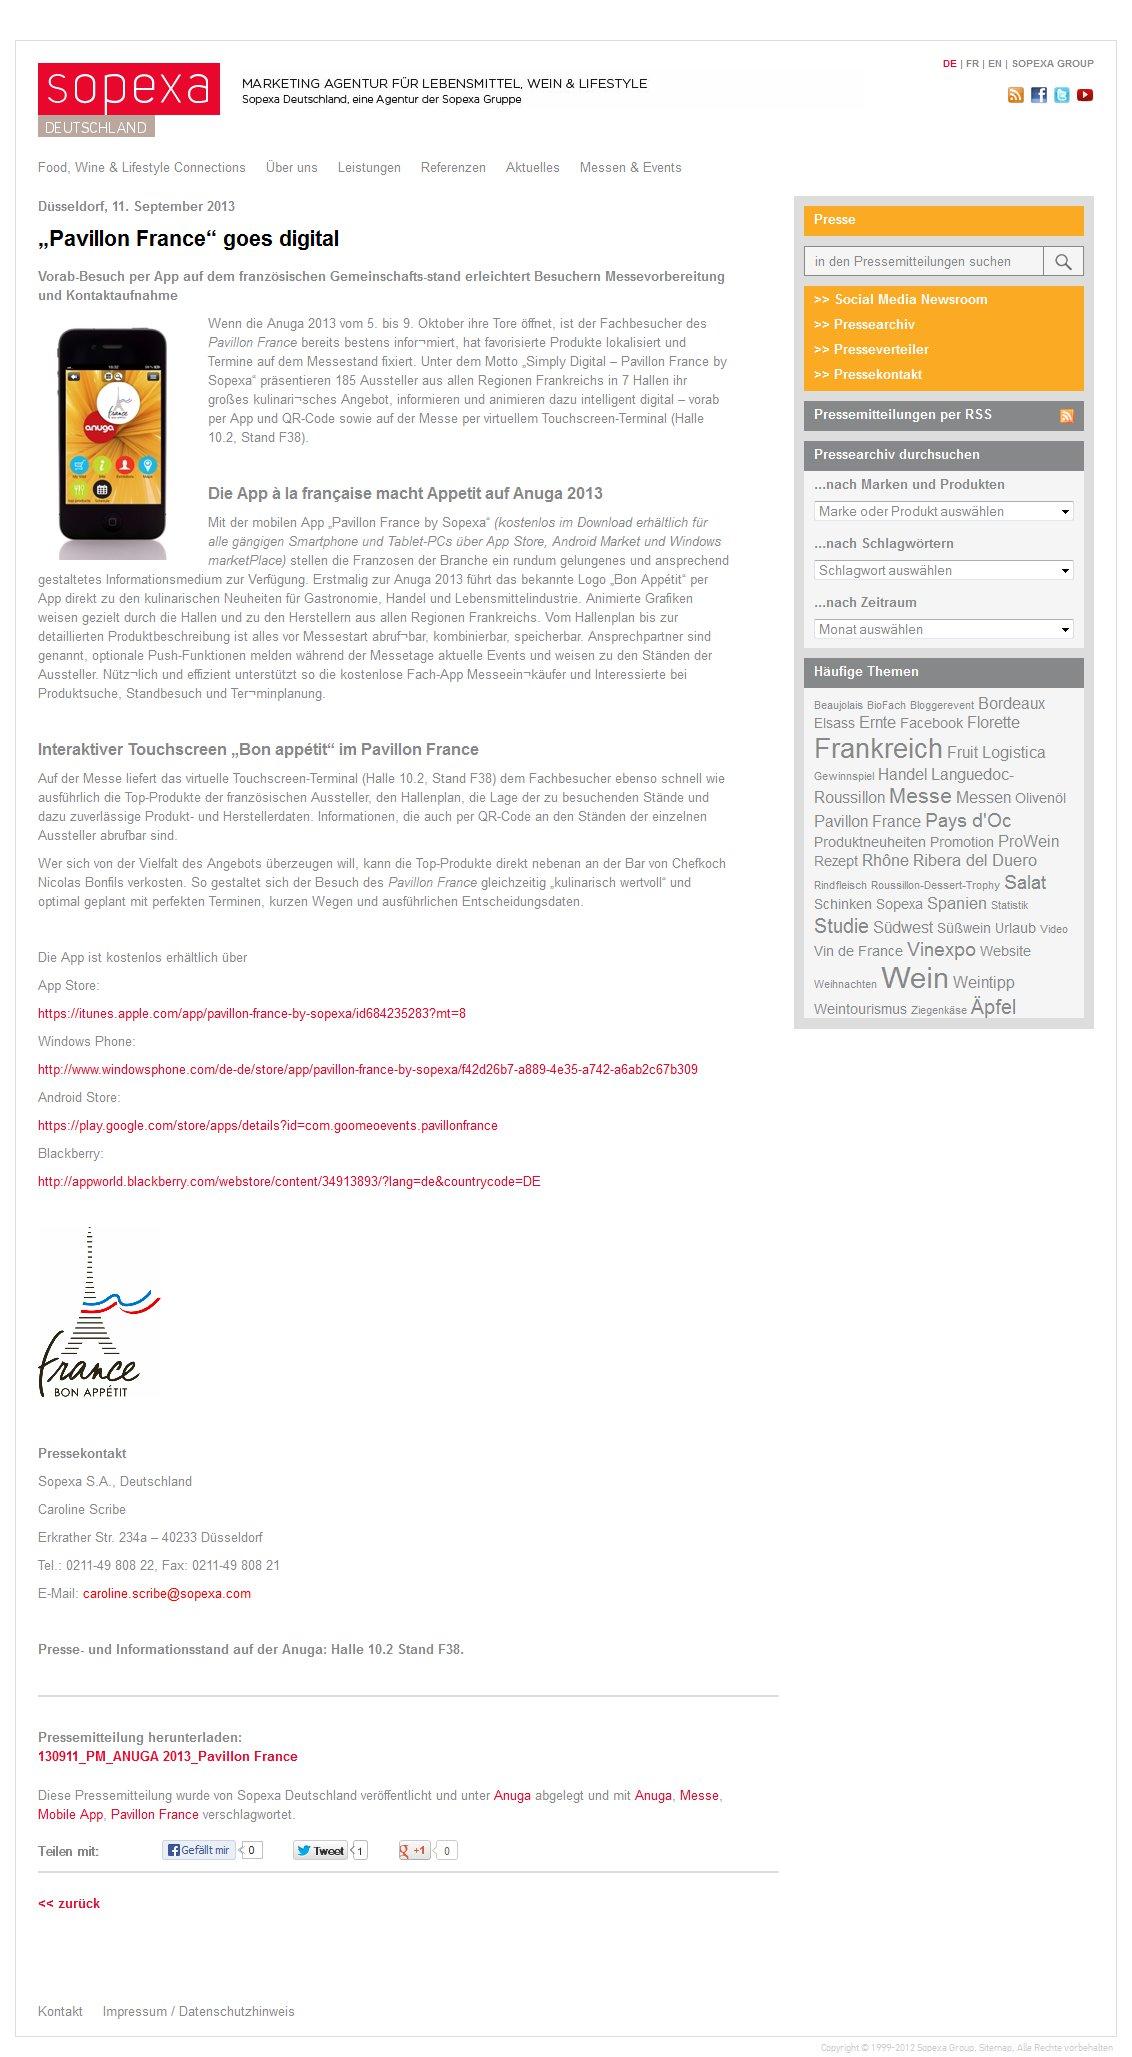 Sopexa Newsroom Artikel